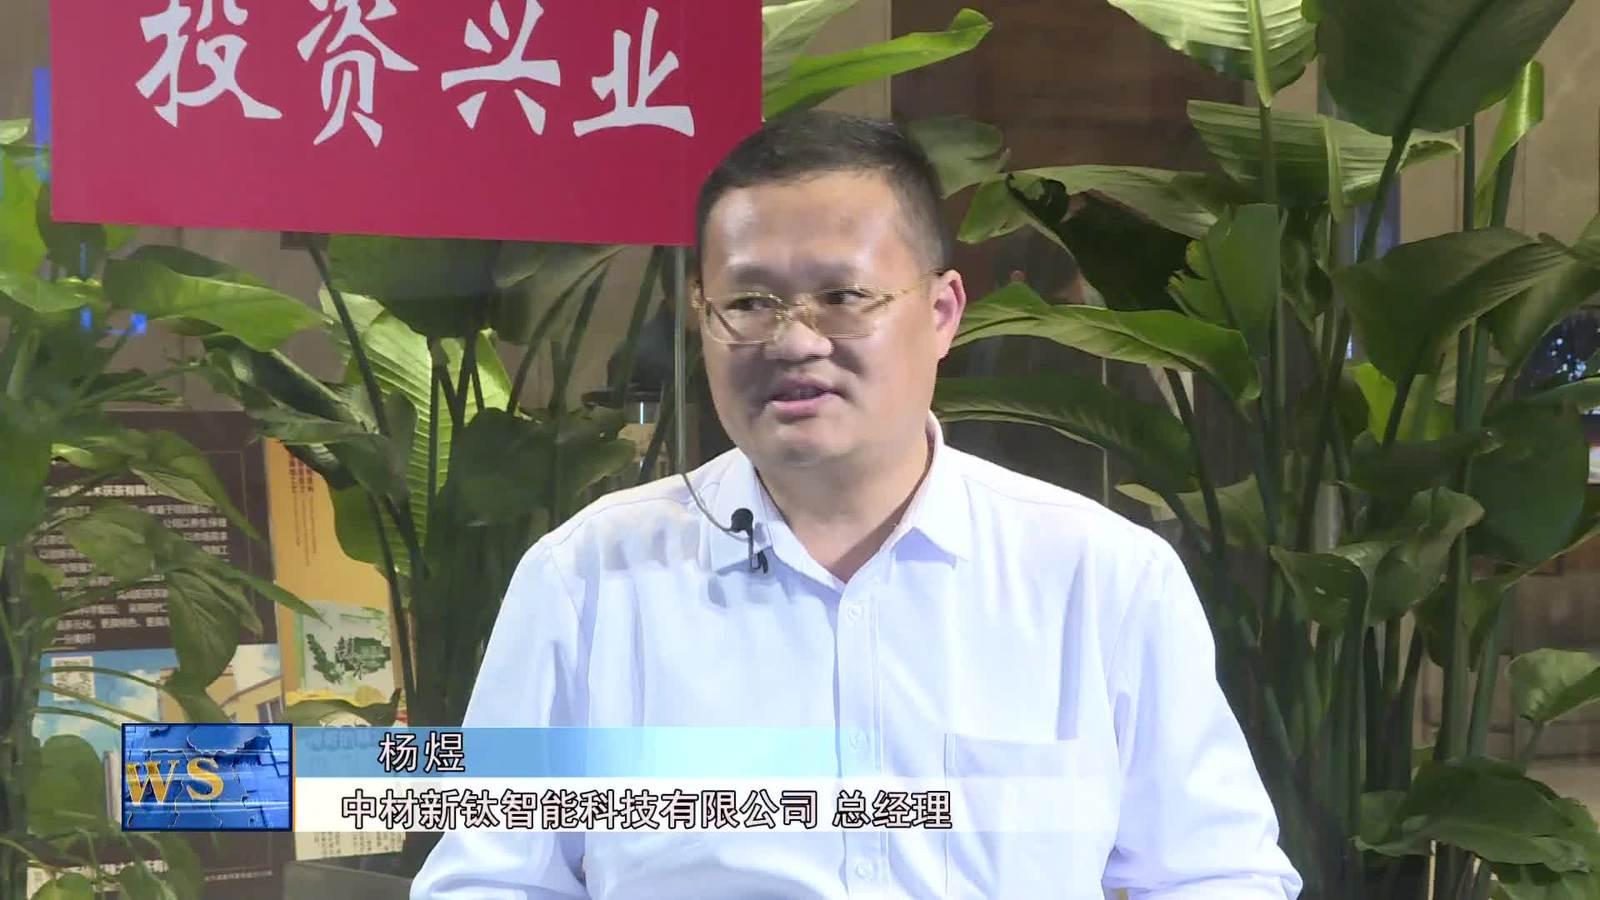 【视频新闻】全媒体会客厅:多项新科技入驻咸阳  填空白补短板  推动经济高质量发展